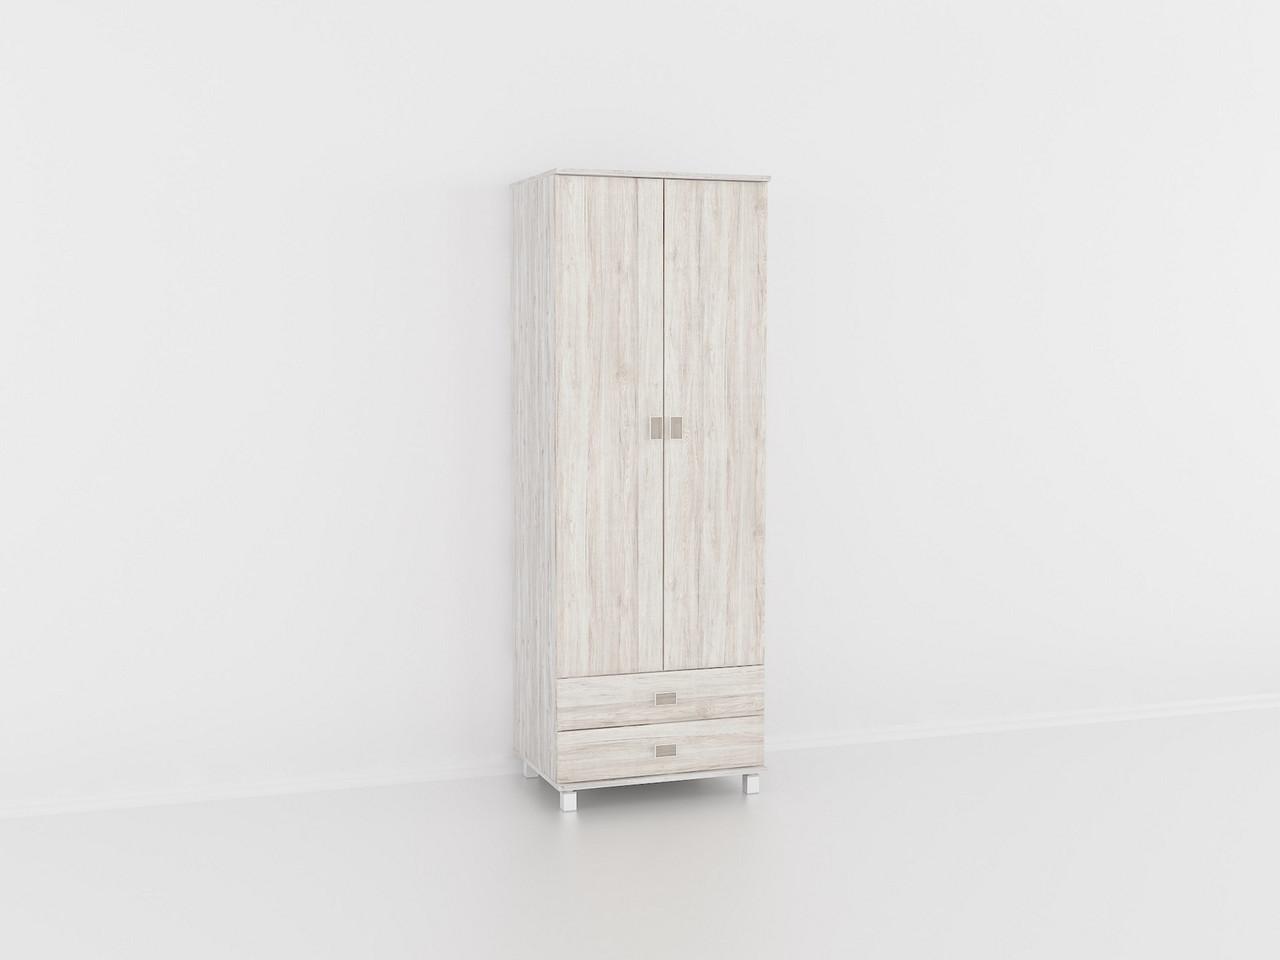 Шкаф для одежды Дуб Глазго, шкаф в гостинную, залу. Мебель из МДФ